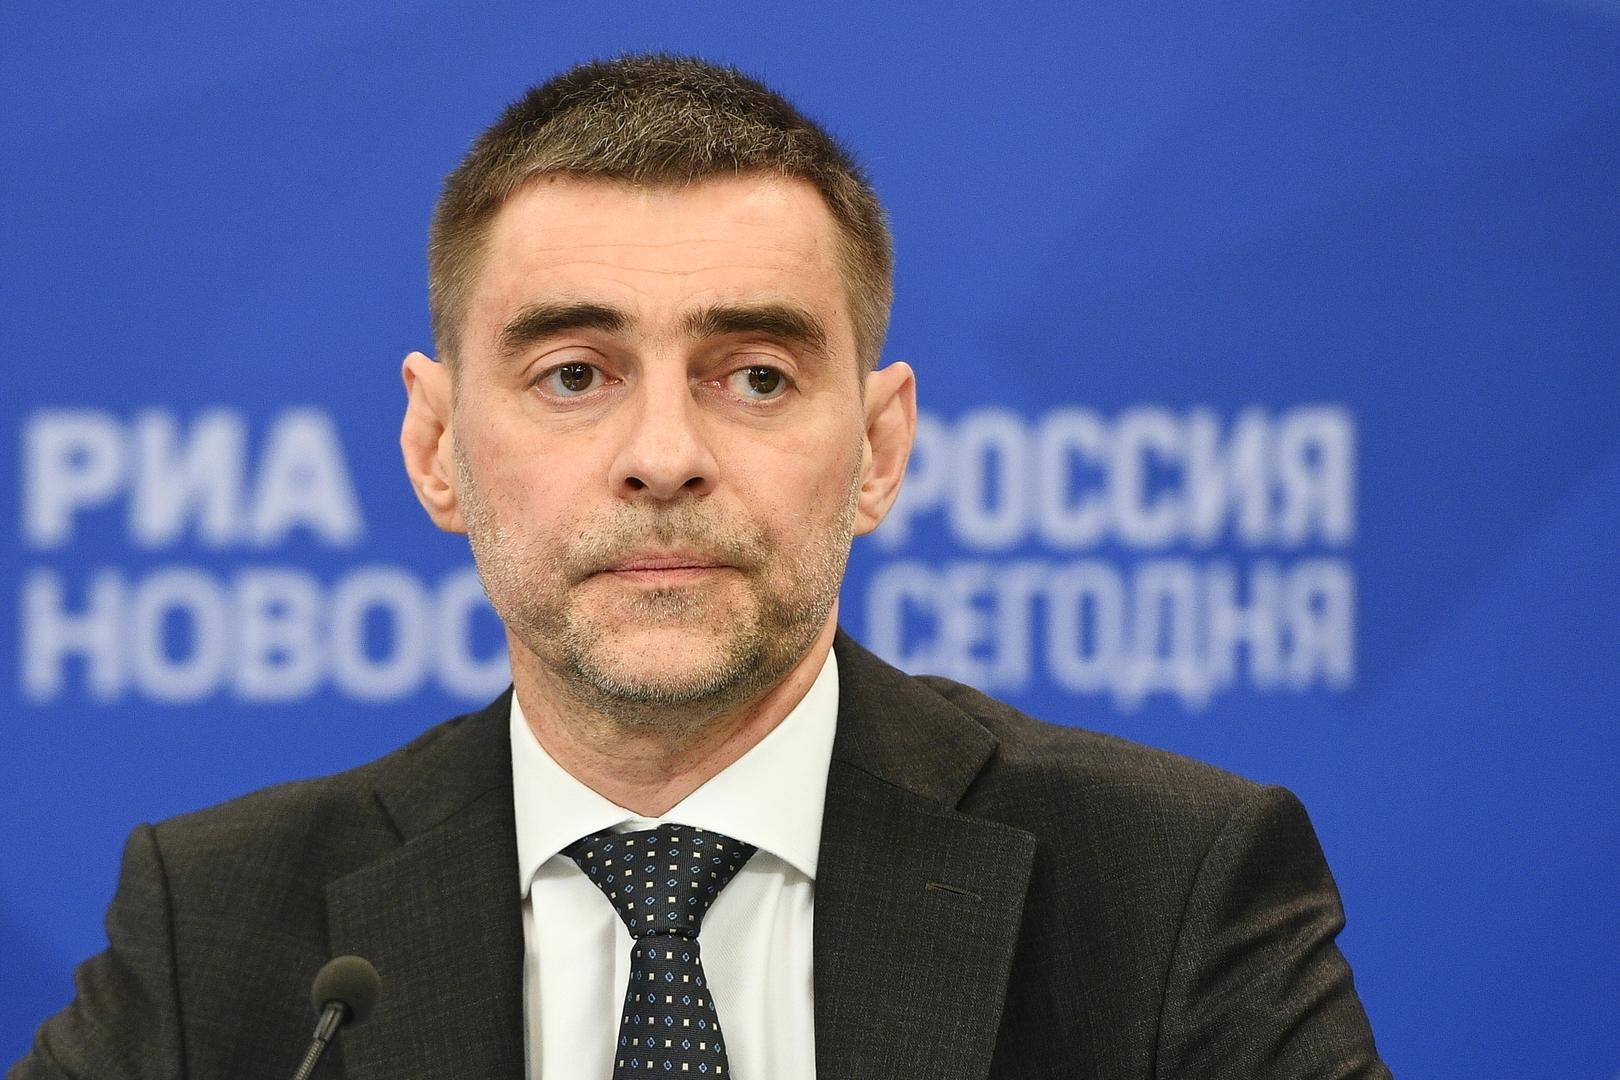 البرلماني الروسي سيرغي جيليزنياك